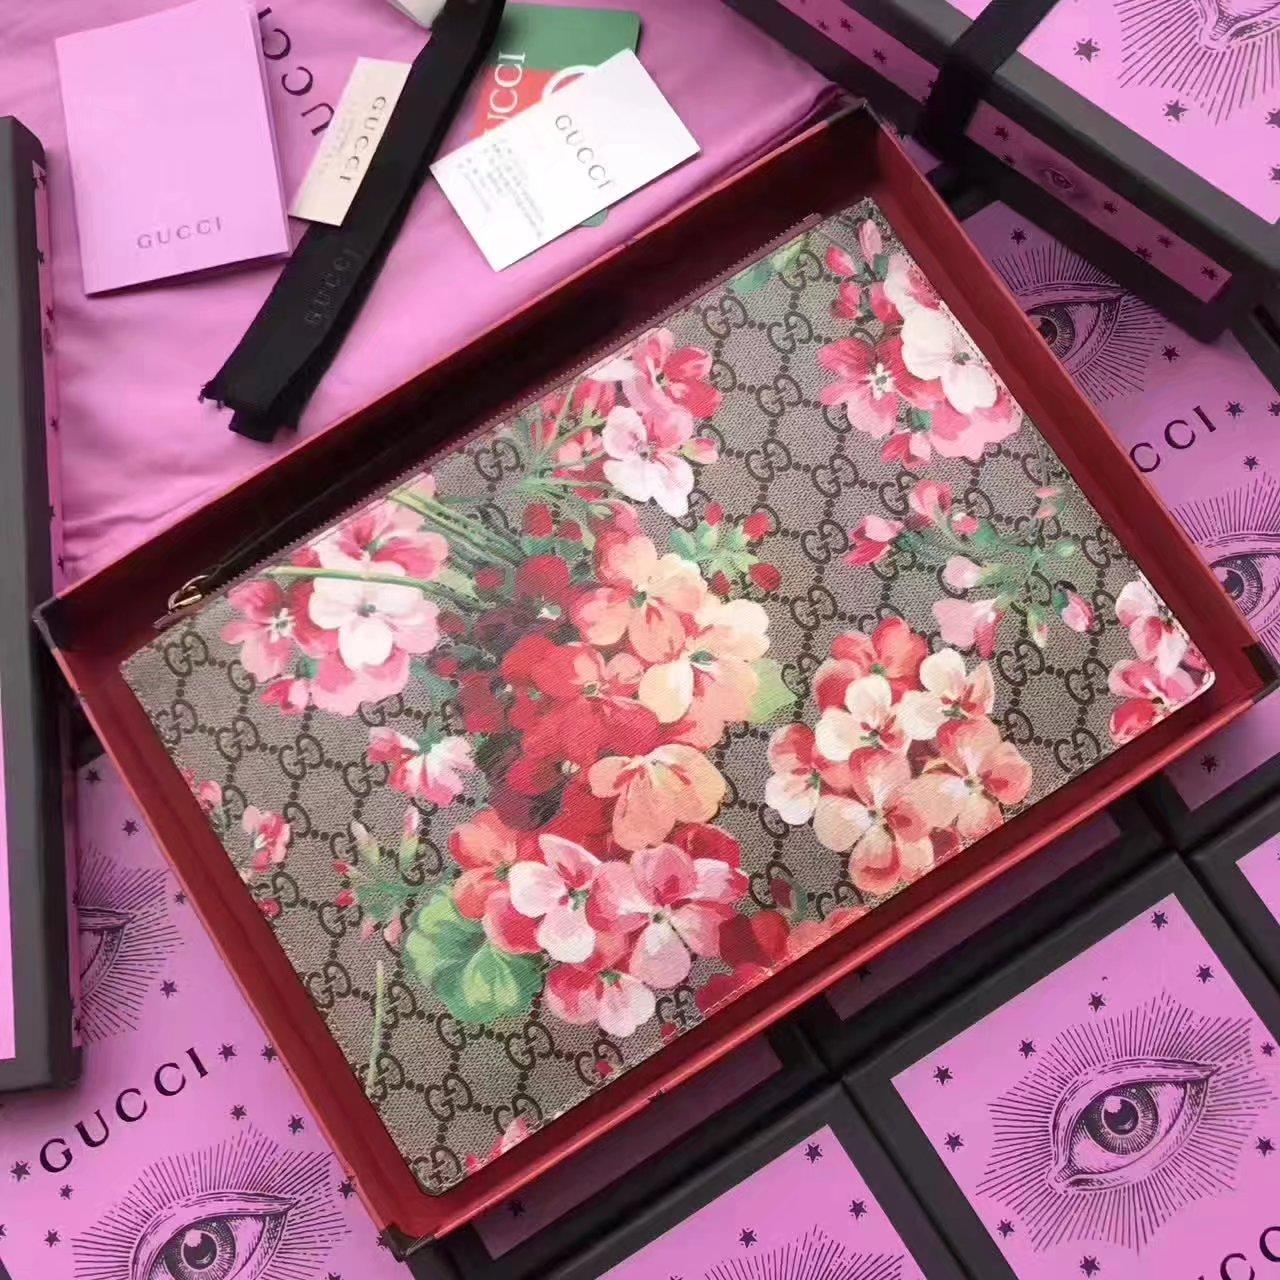 Gucci 473904 Blooms Print GG Supreme Men Pouch